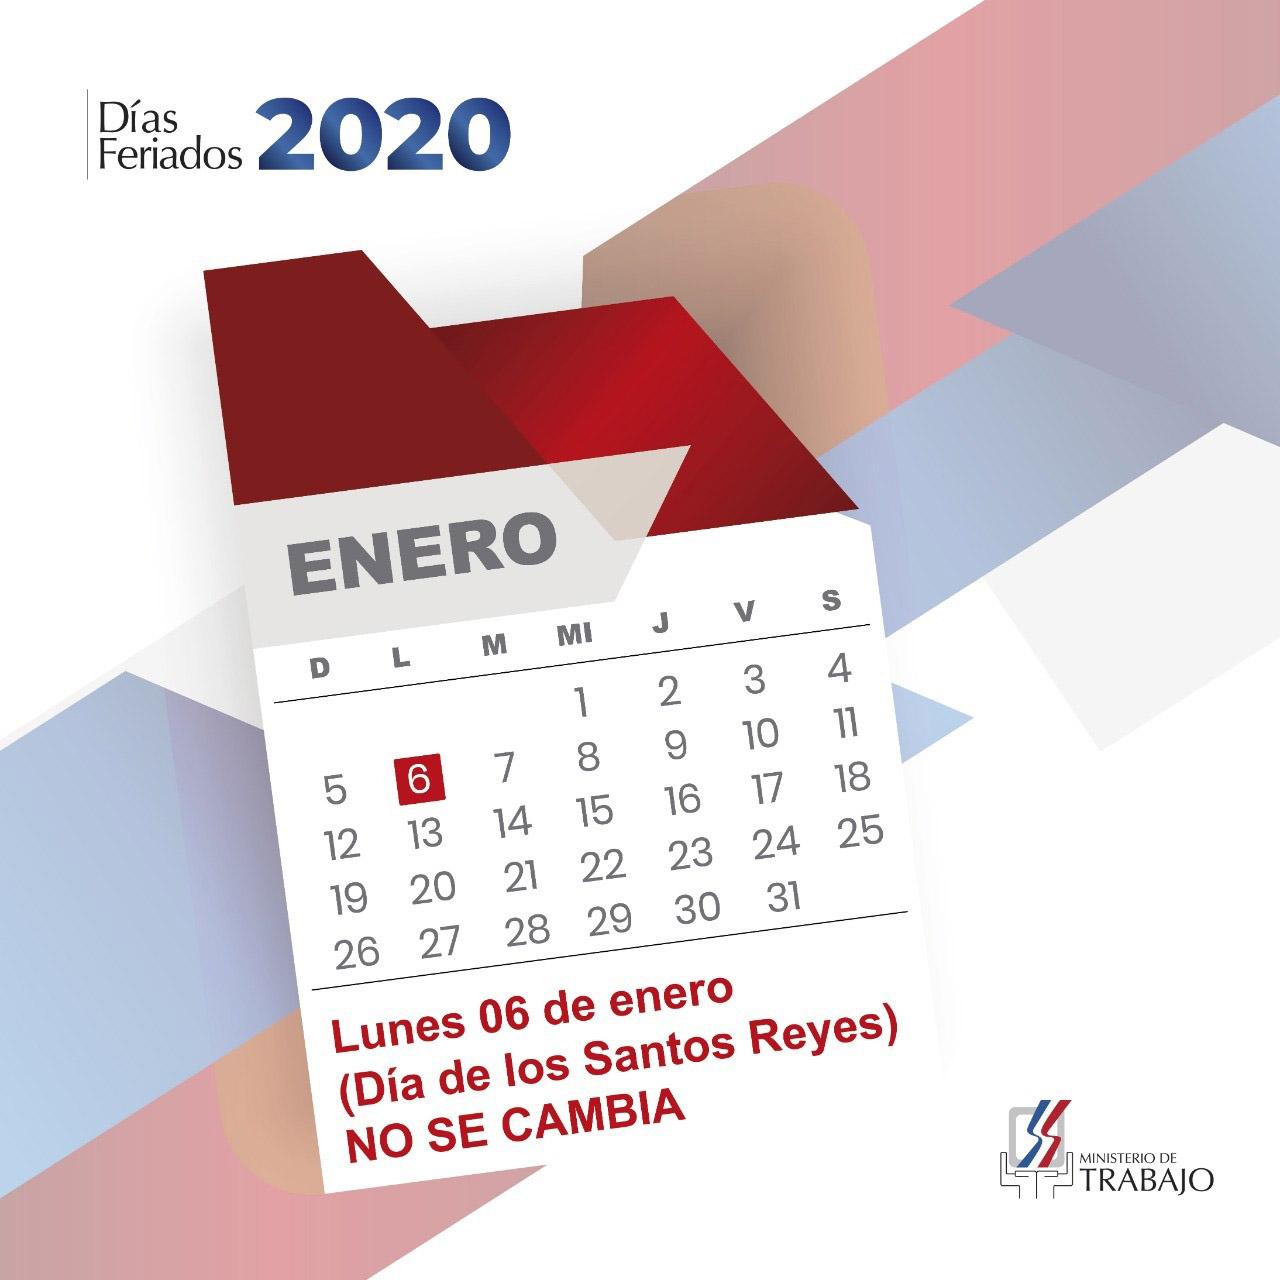 """Ministerio de Trabajo reitera feriado """"Día de los Santos Reyes"""" no se cambia"""